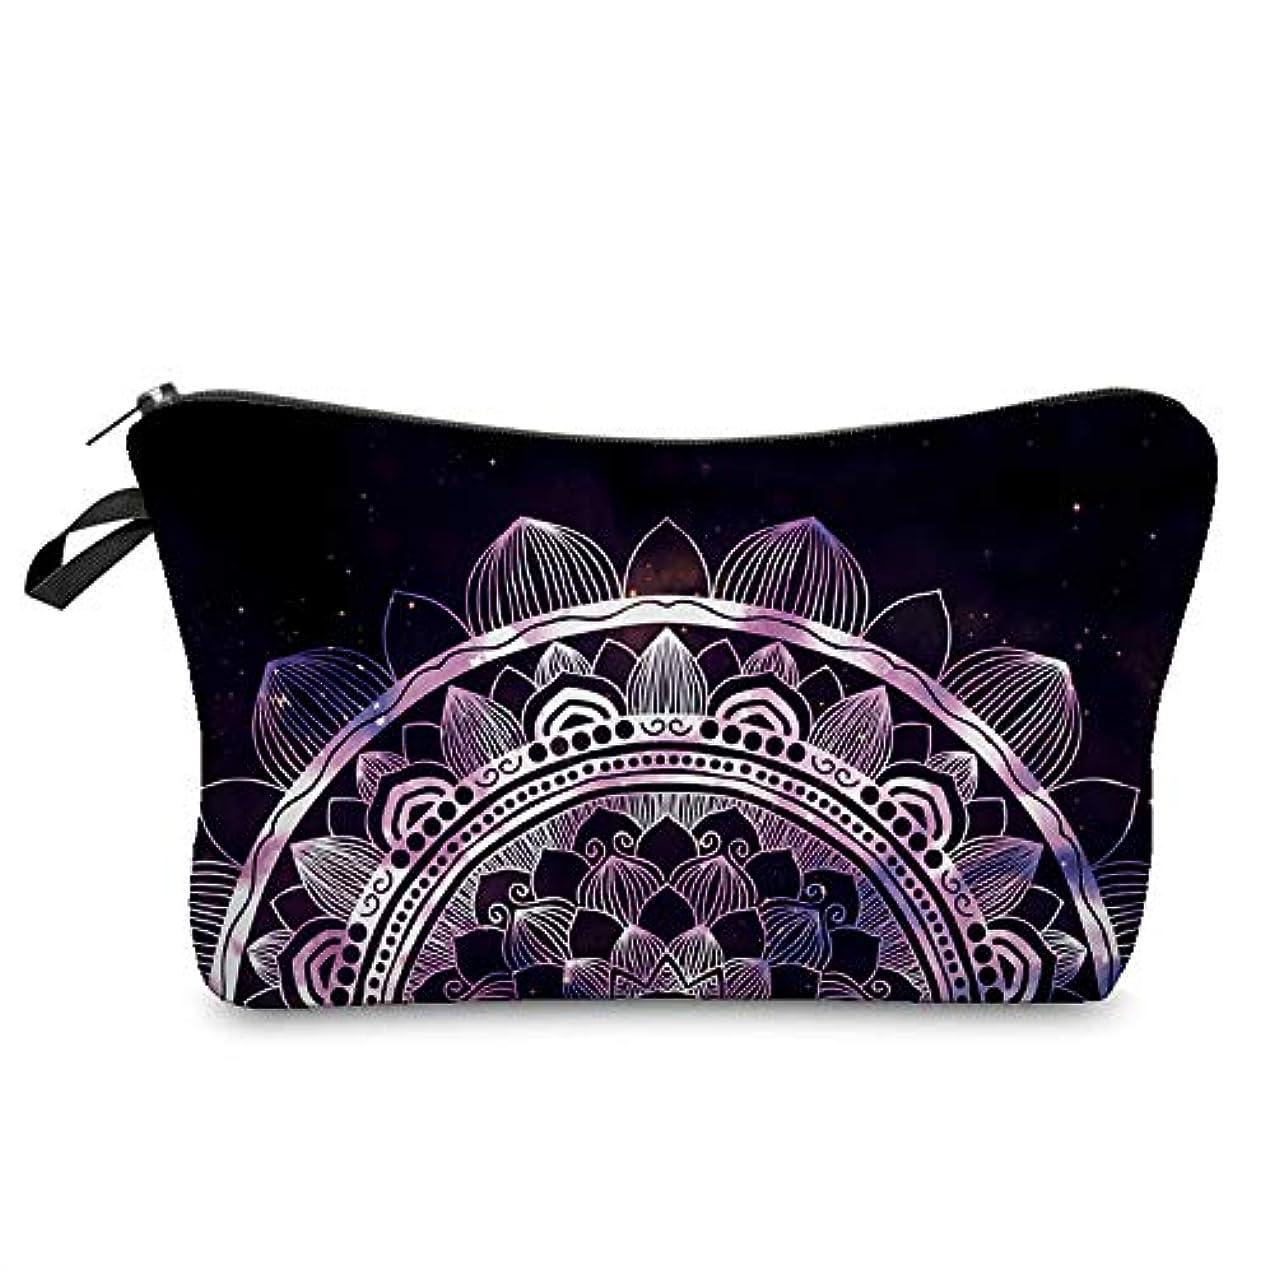 フェッチリスナーペレット1st market 優れた3D曼荼羅印刷化粧品オーガナイザーバッグ女性旅行化粧ポーチ